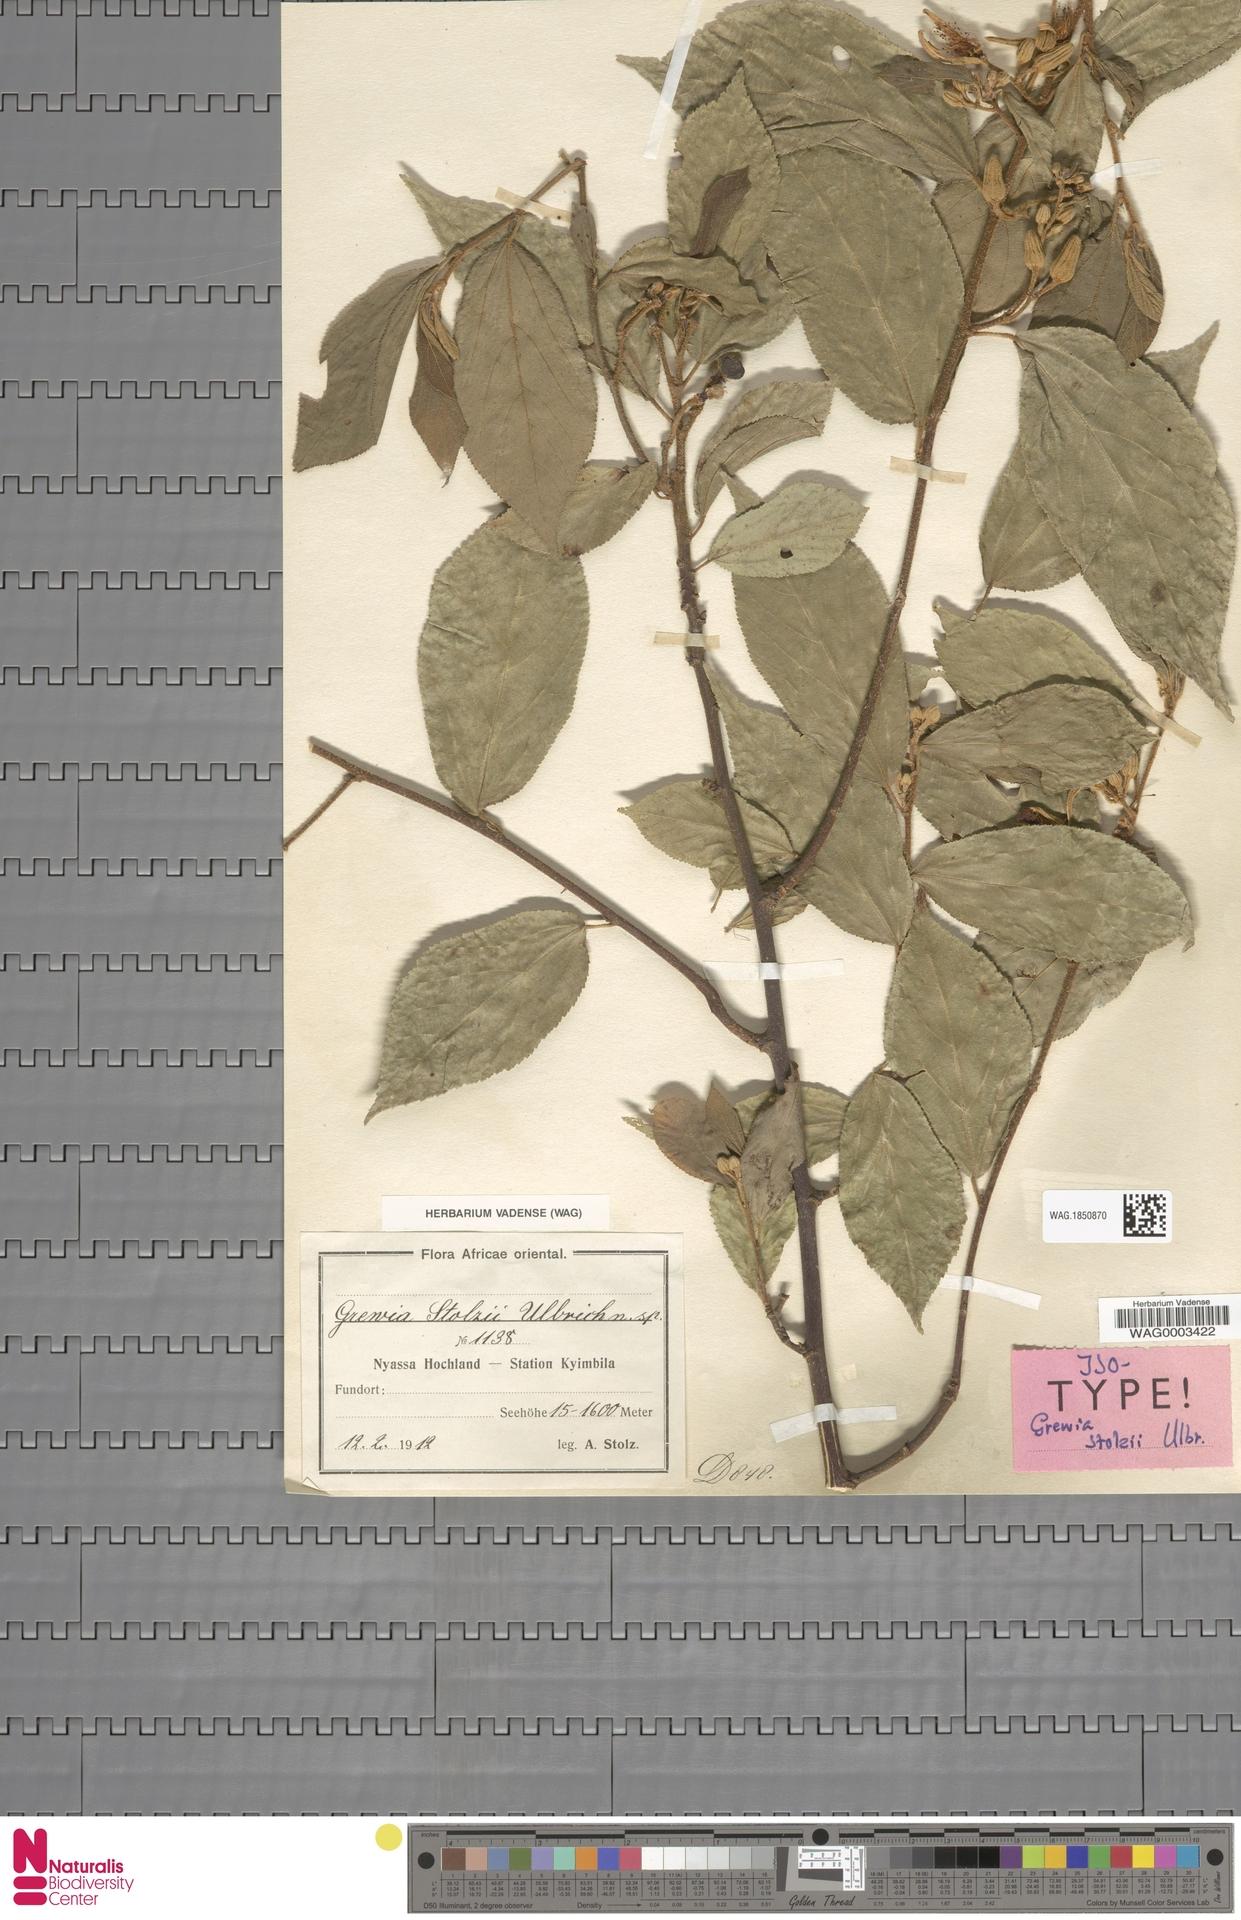 WAG.1850870   Grewia stolzii Ulbr.